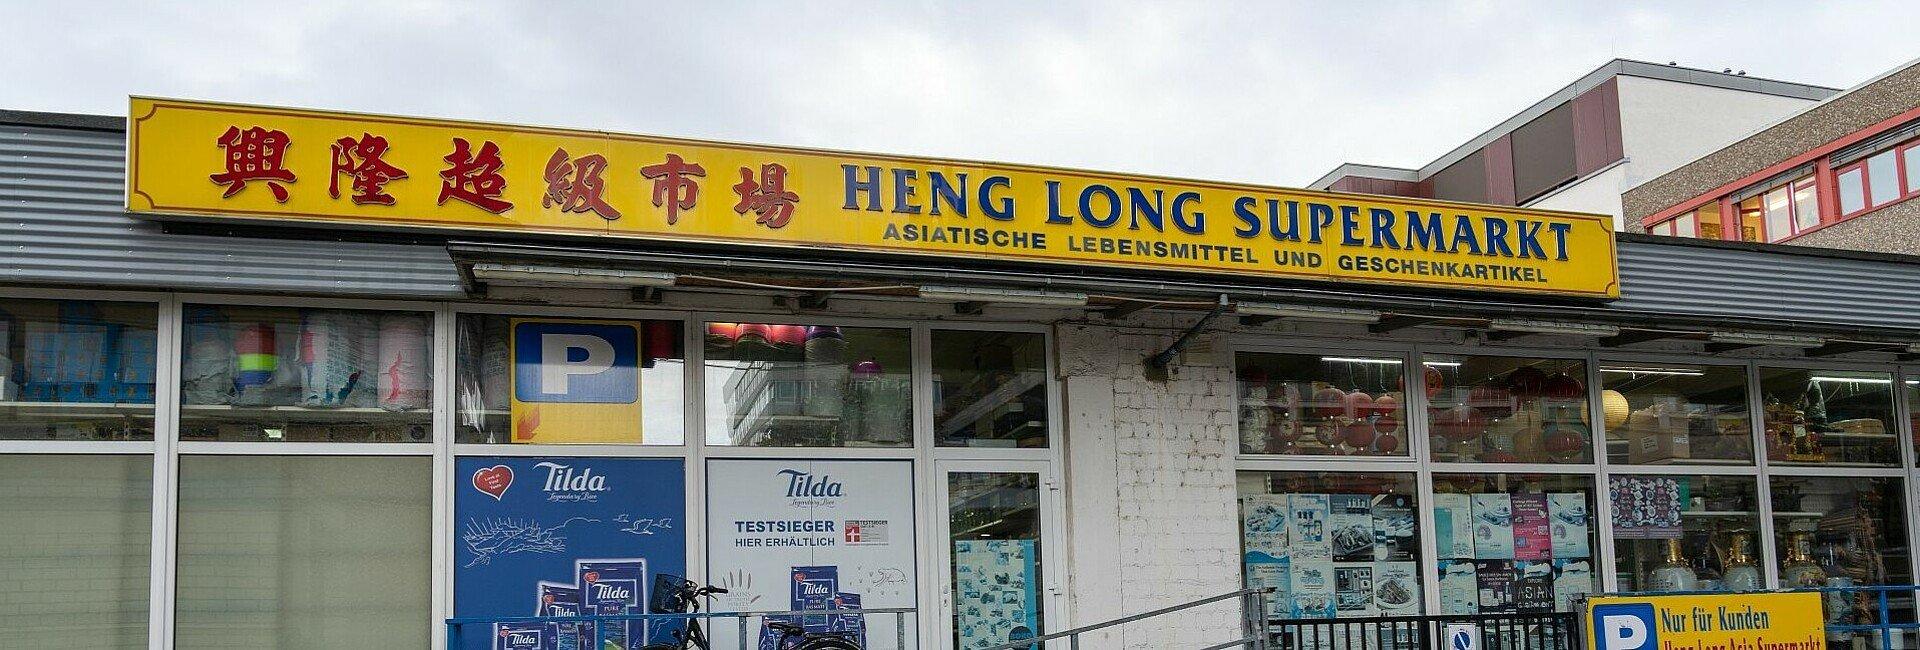 Heng Long Supermarkt in Köln-Lindenthal